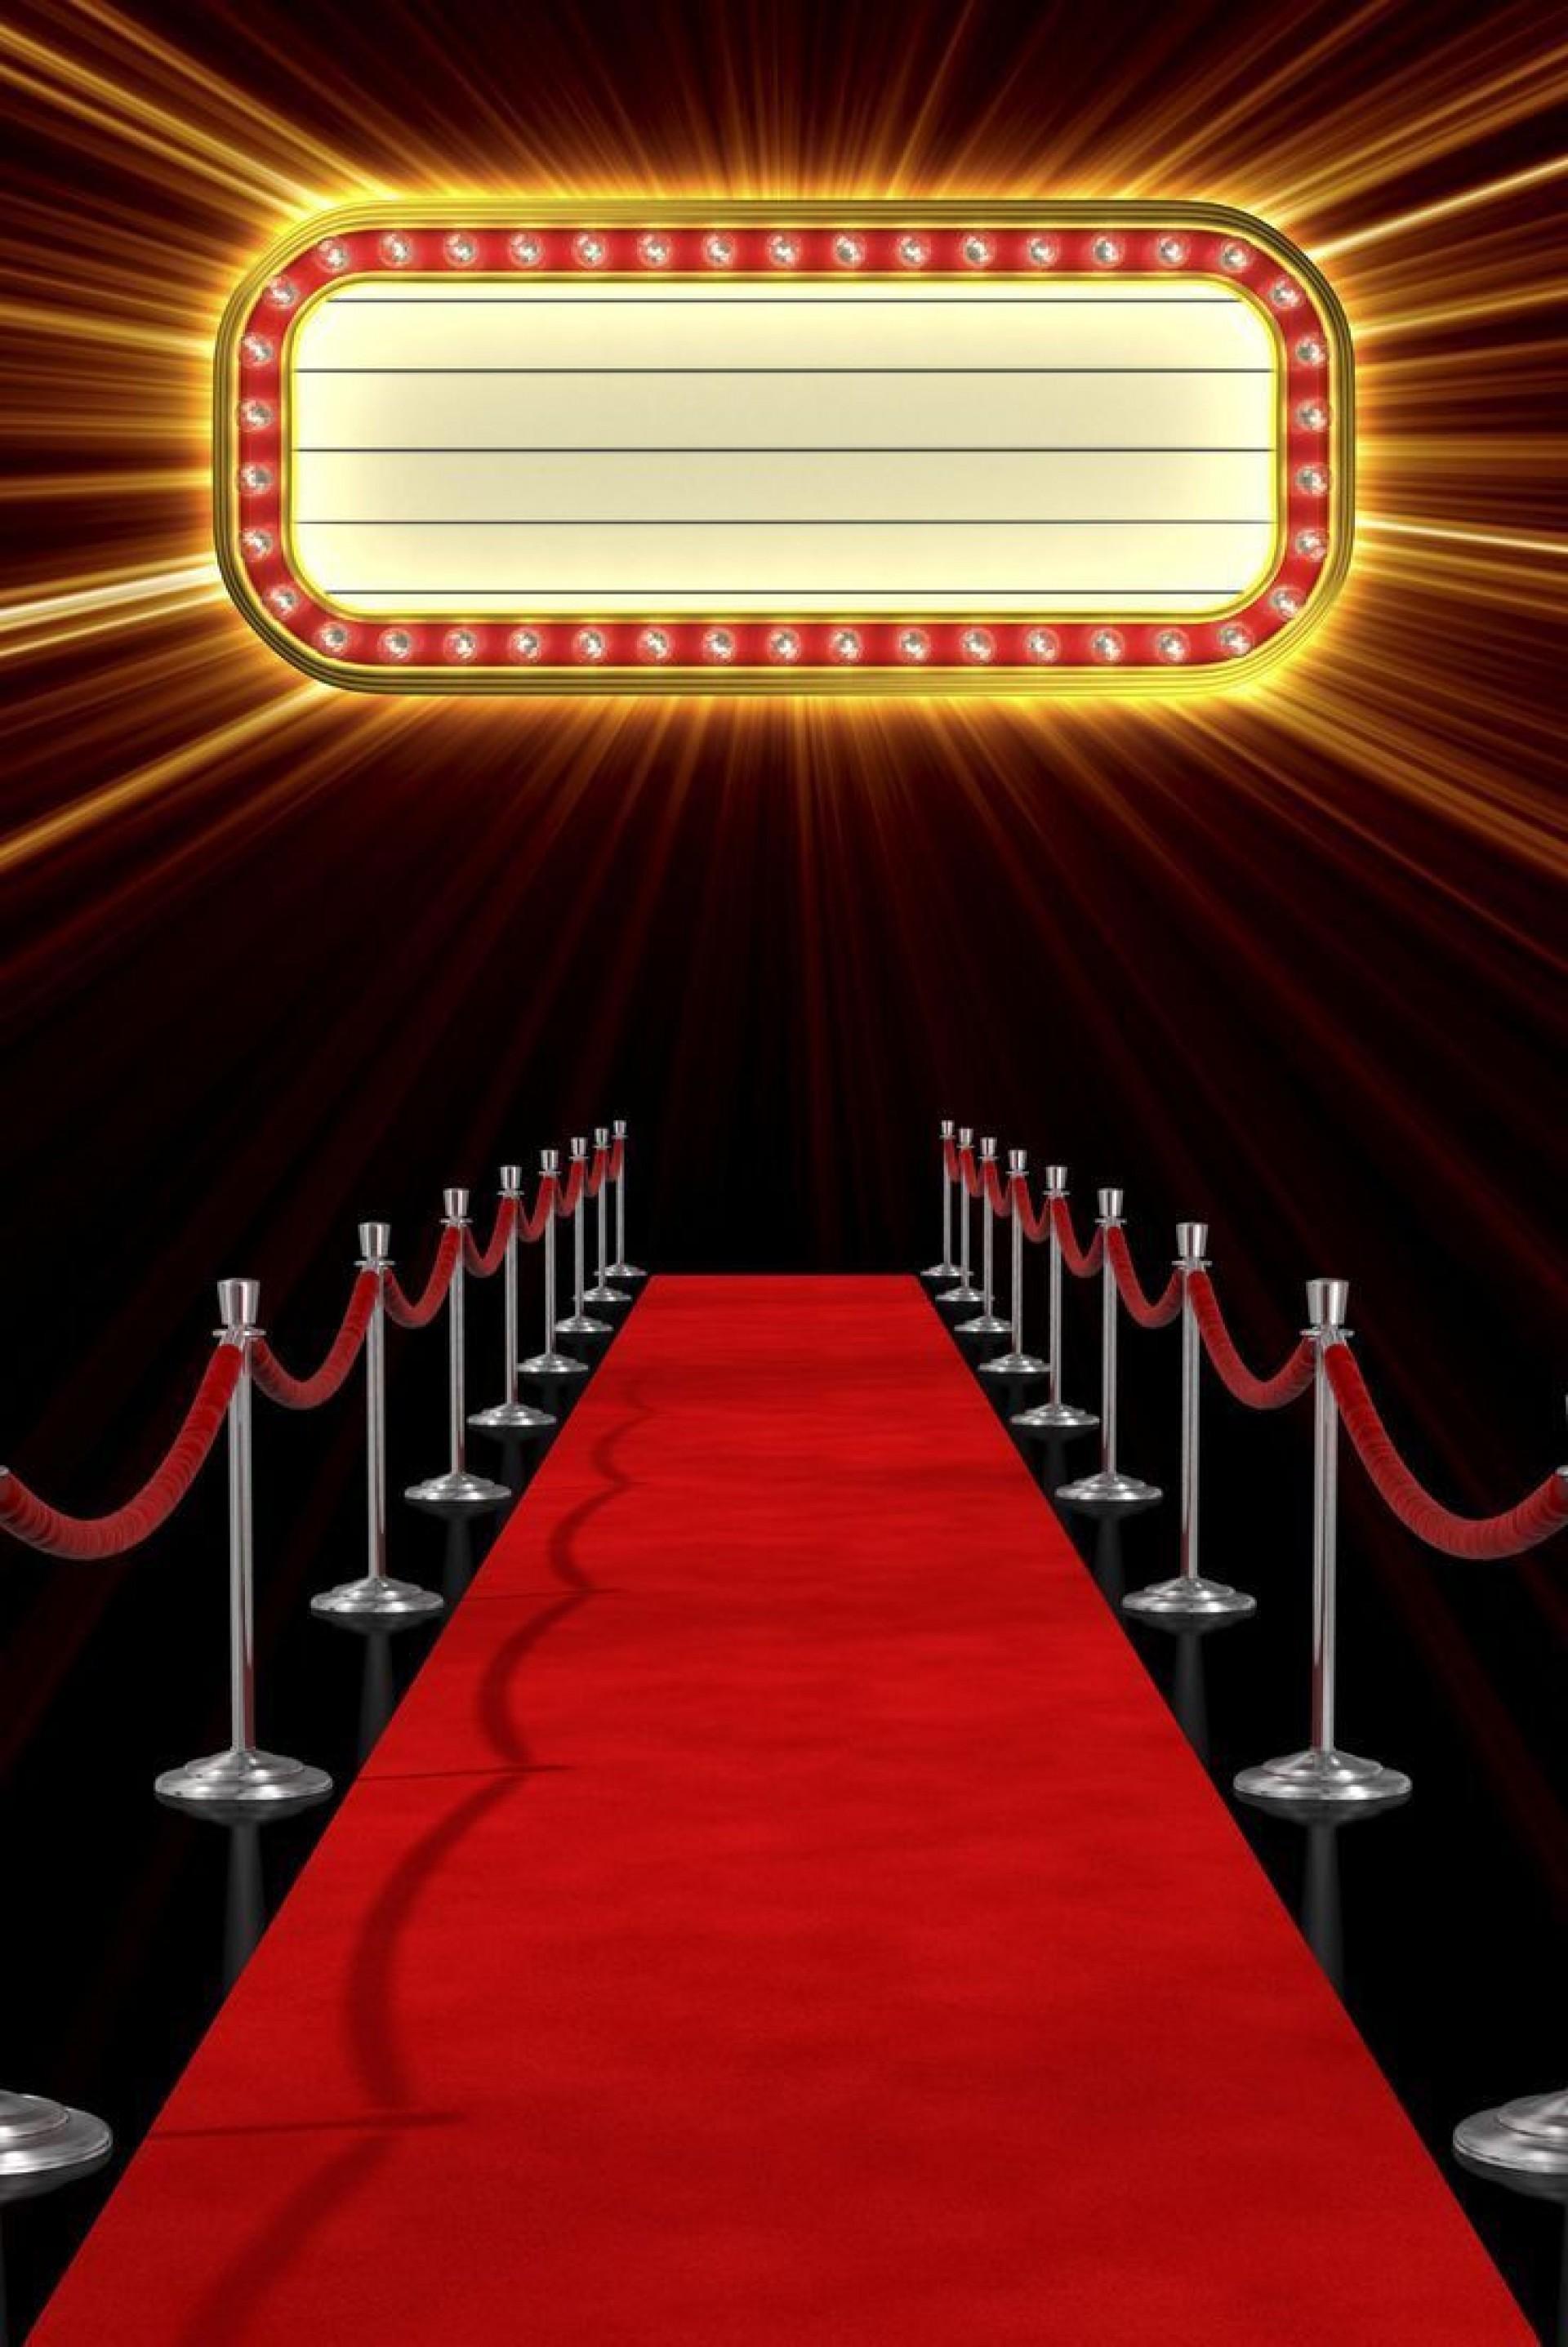 000 Unusual Red Carpet Invitation Template Free Idea  Download1920